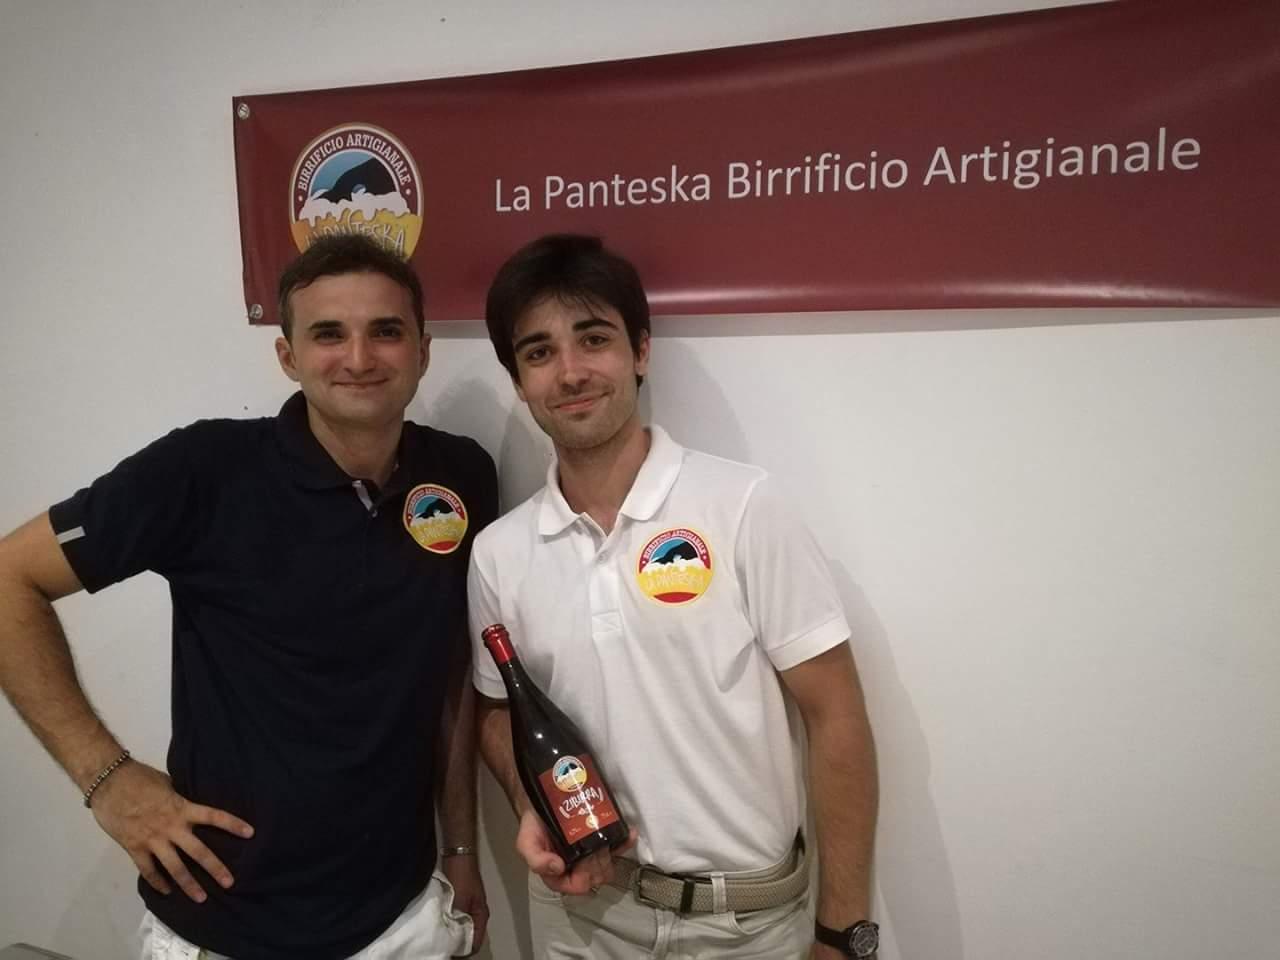 La Panteska: il birrificio artigianale più a Sud d'Italia!